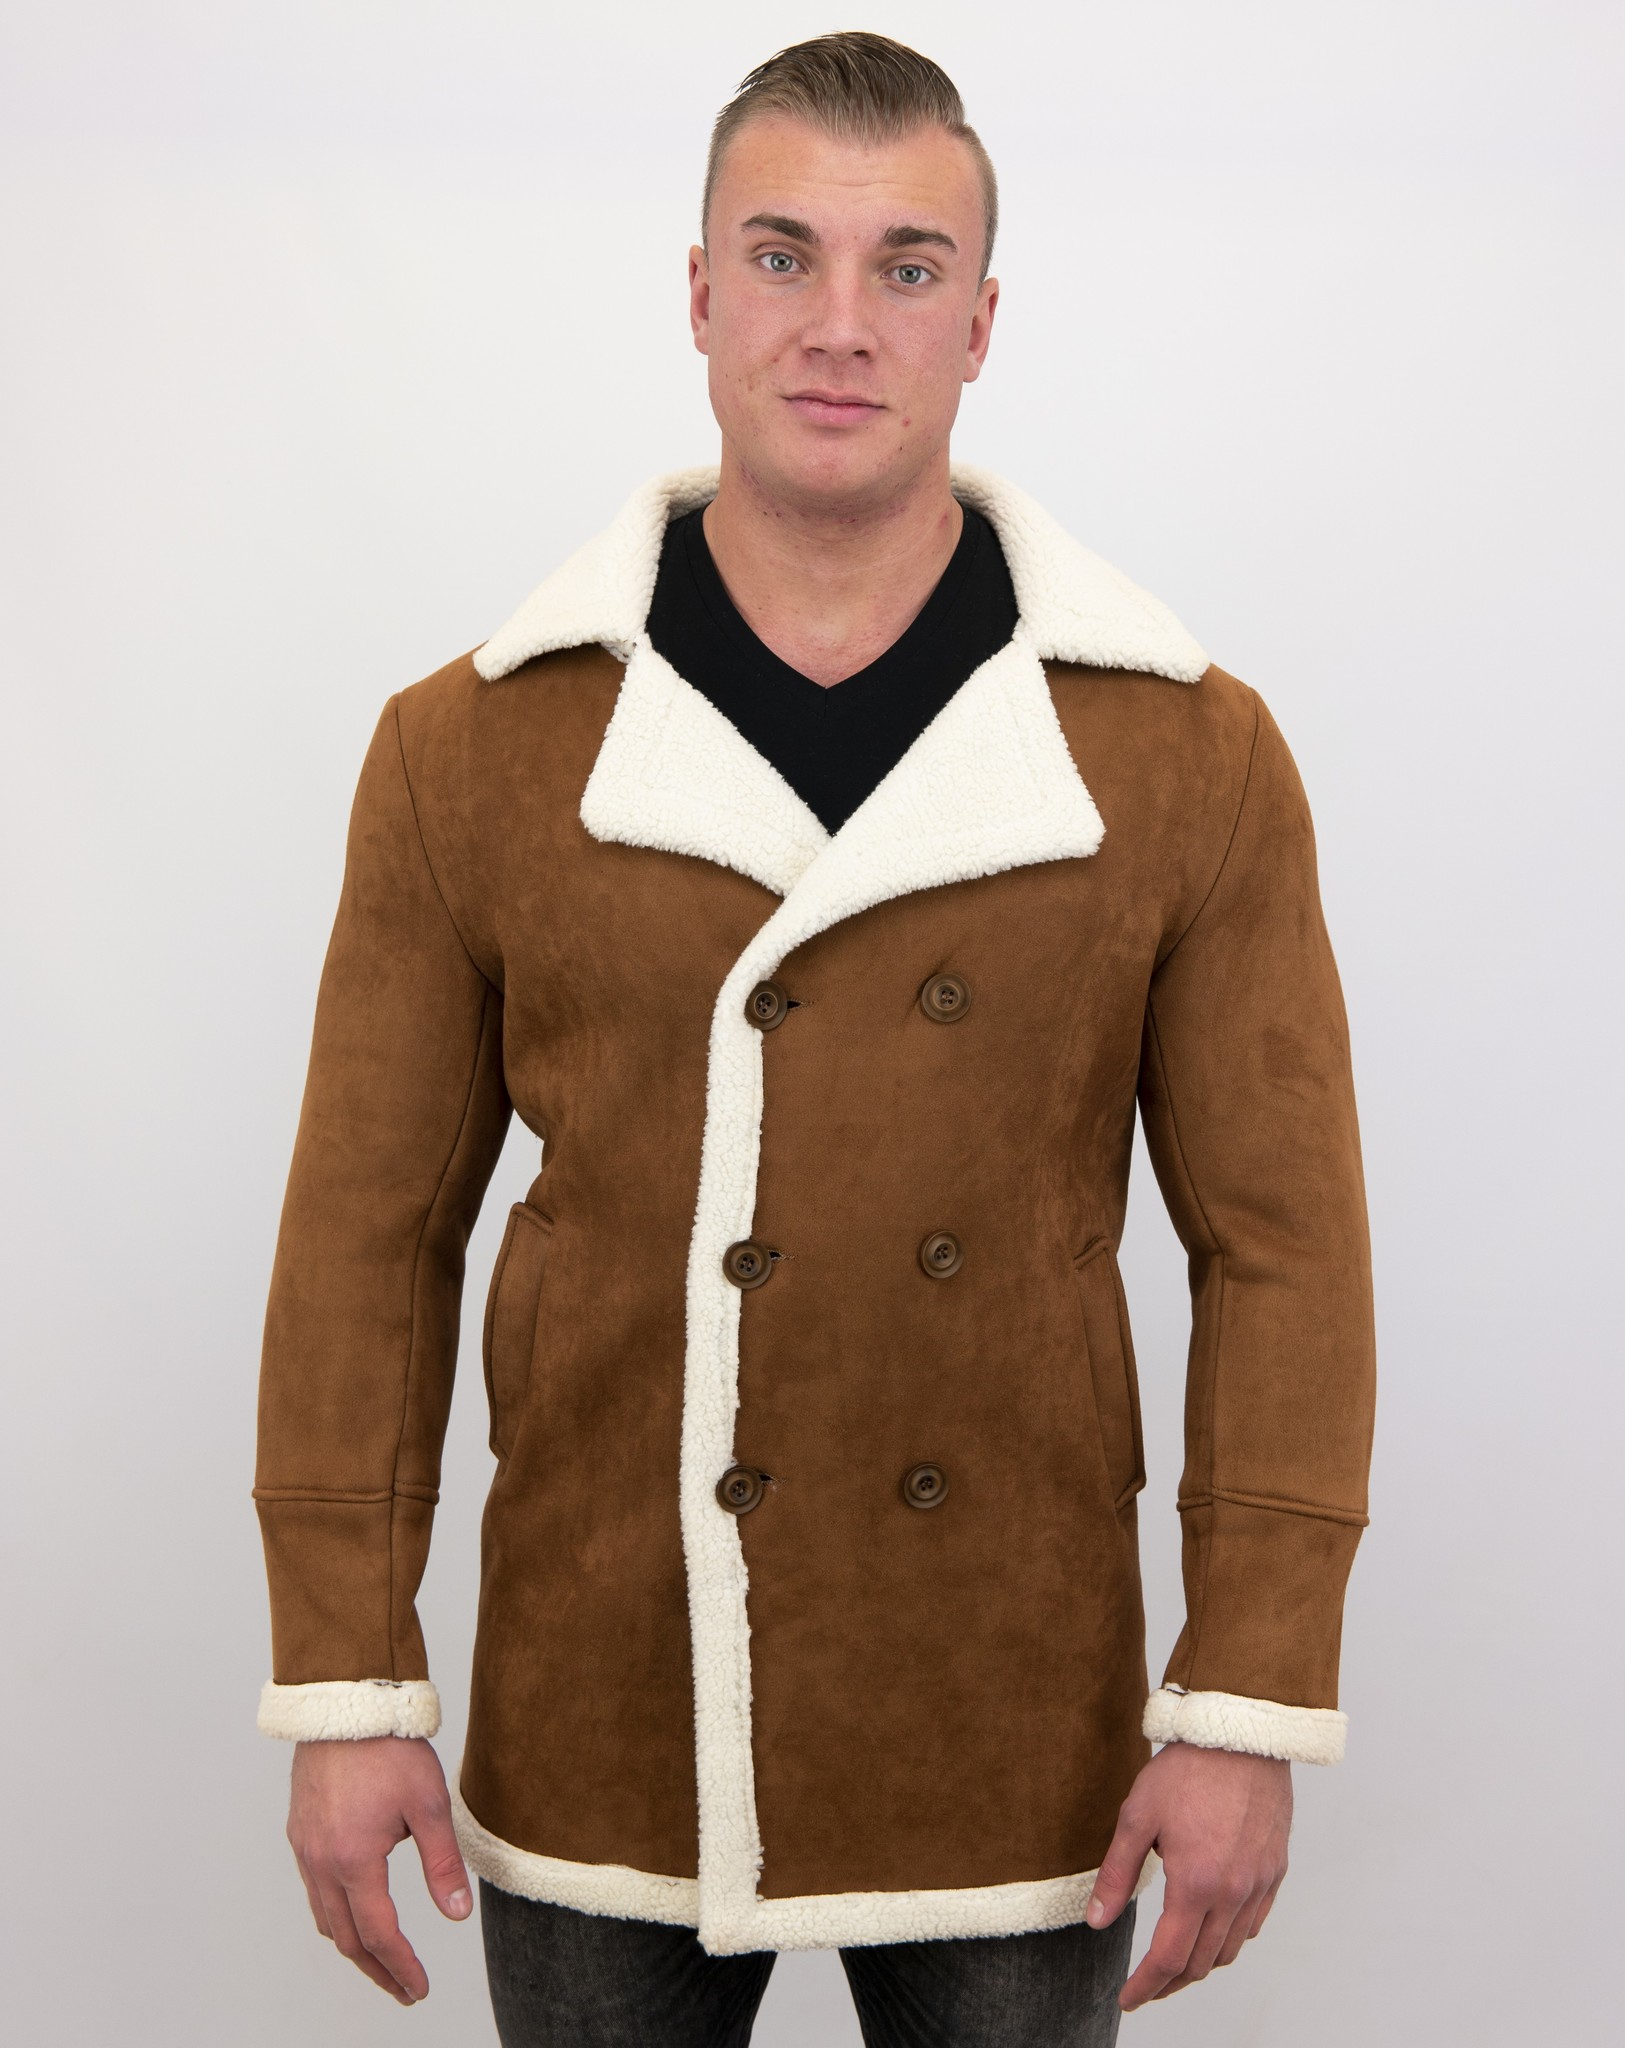 Shearling Jacke Herren Lammfell | GRATIS Versand